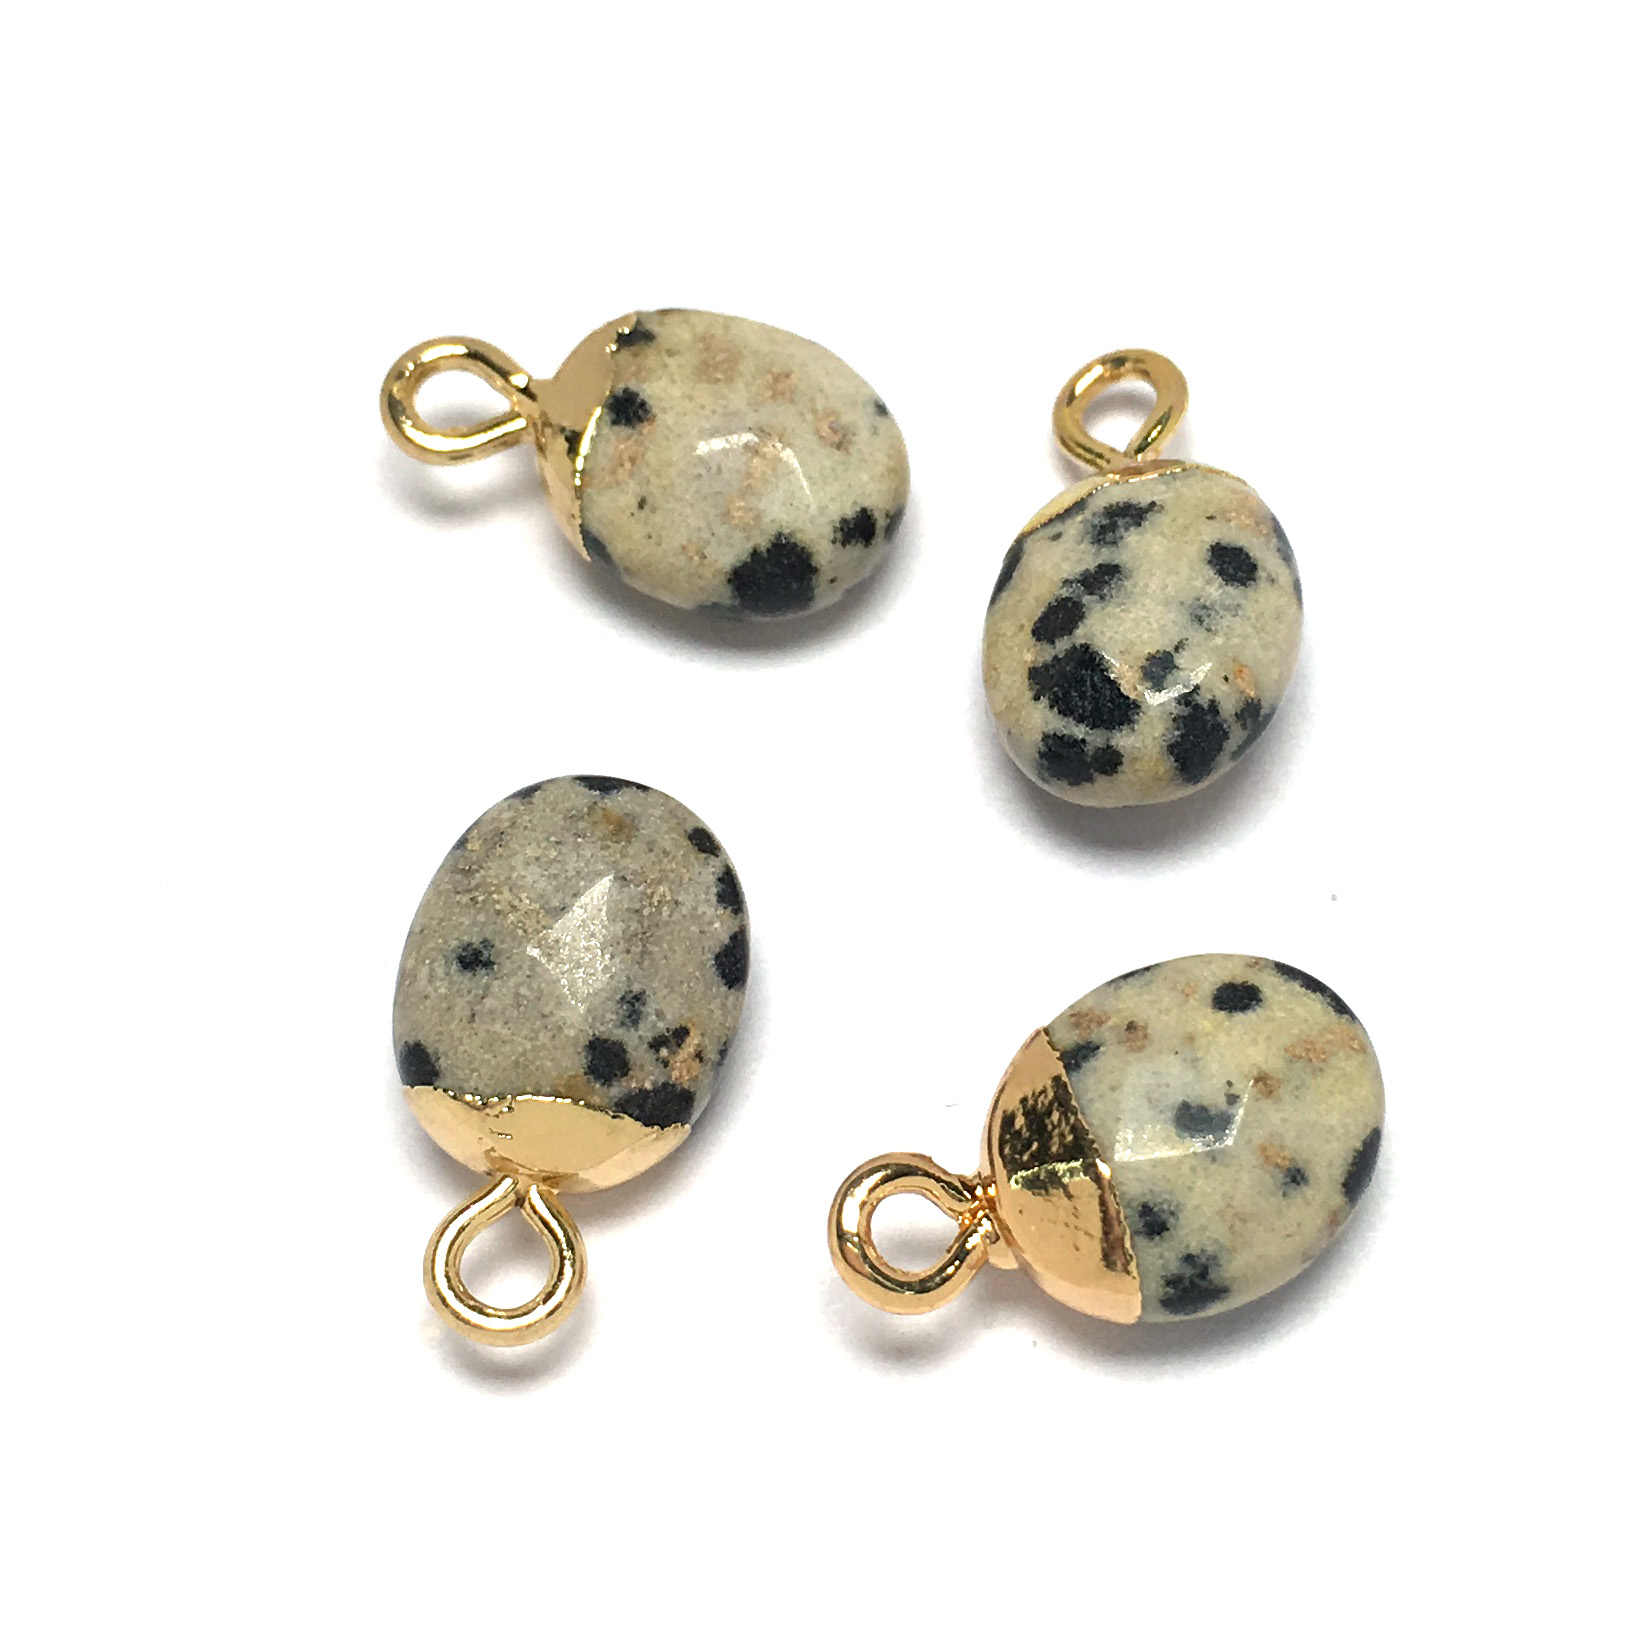 2019 yeni doğal taş Turquoises Lapis lazuli kolye kolye uçları kolye takı yapımı için DIY